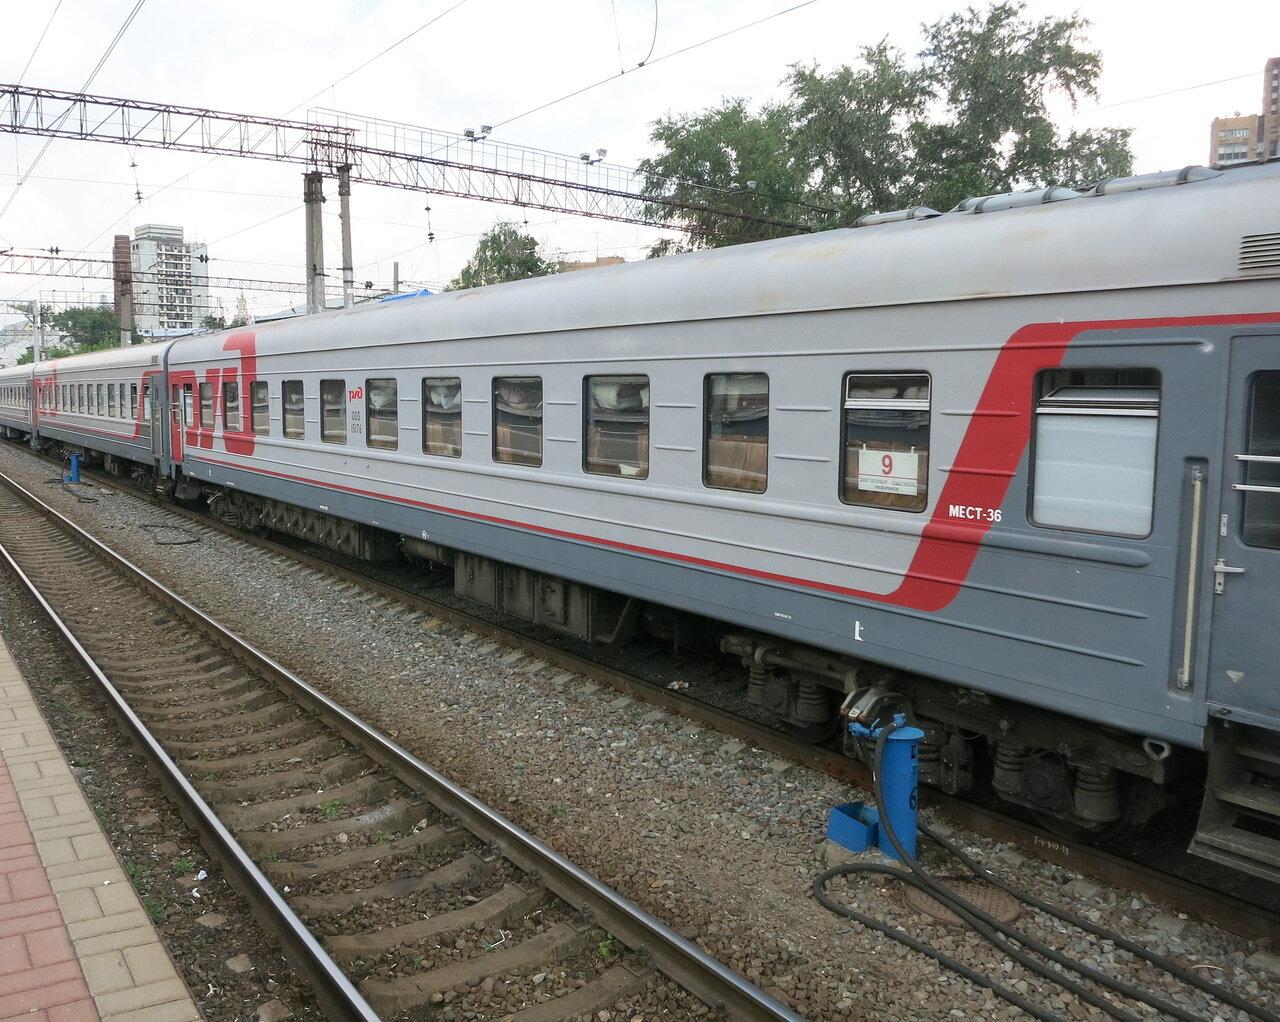 представлены комбинации, поезд с петербург севастополь ежедневные обновления лучшие